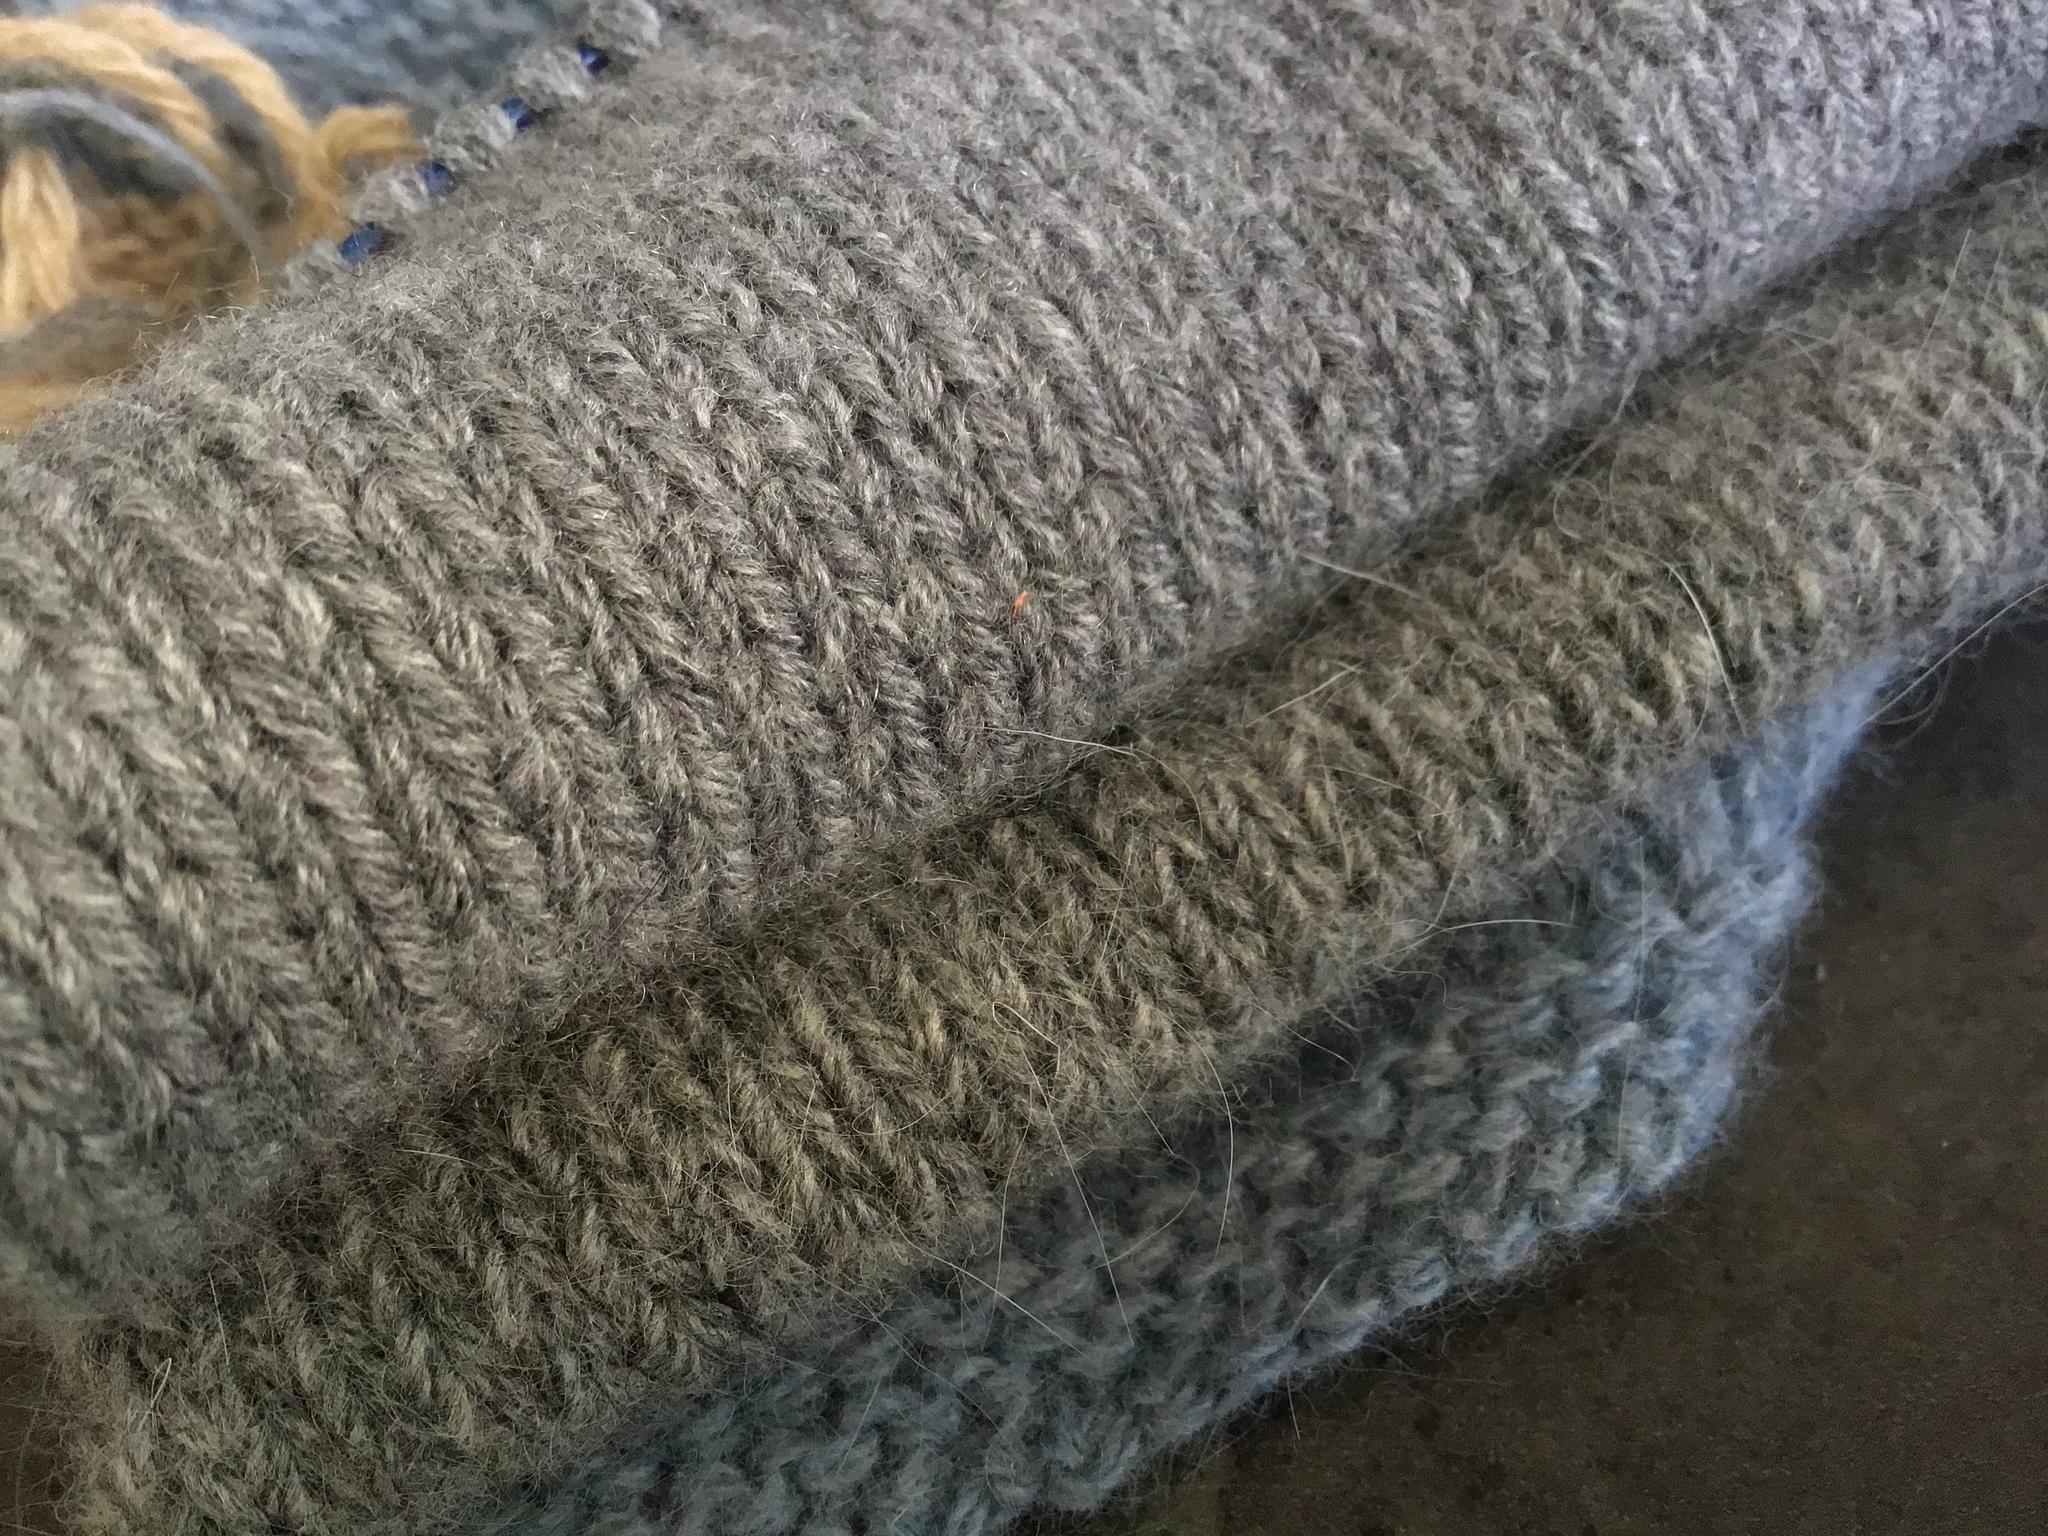 Образец Foxy, меринос с ангорой, связан в 4 нити на спицах 4,5 мм. Одна стирка. Толщина для очень тёплого свитера. Средний и нижний образцы.